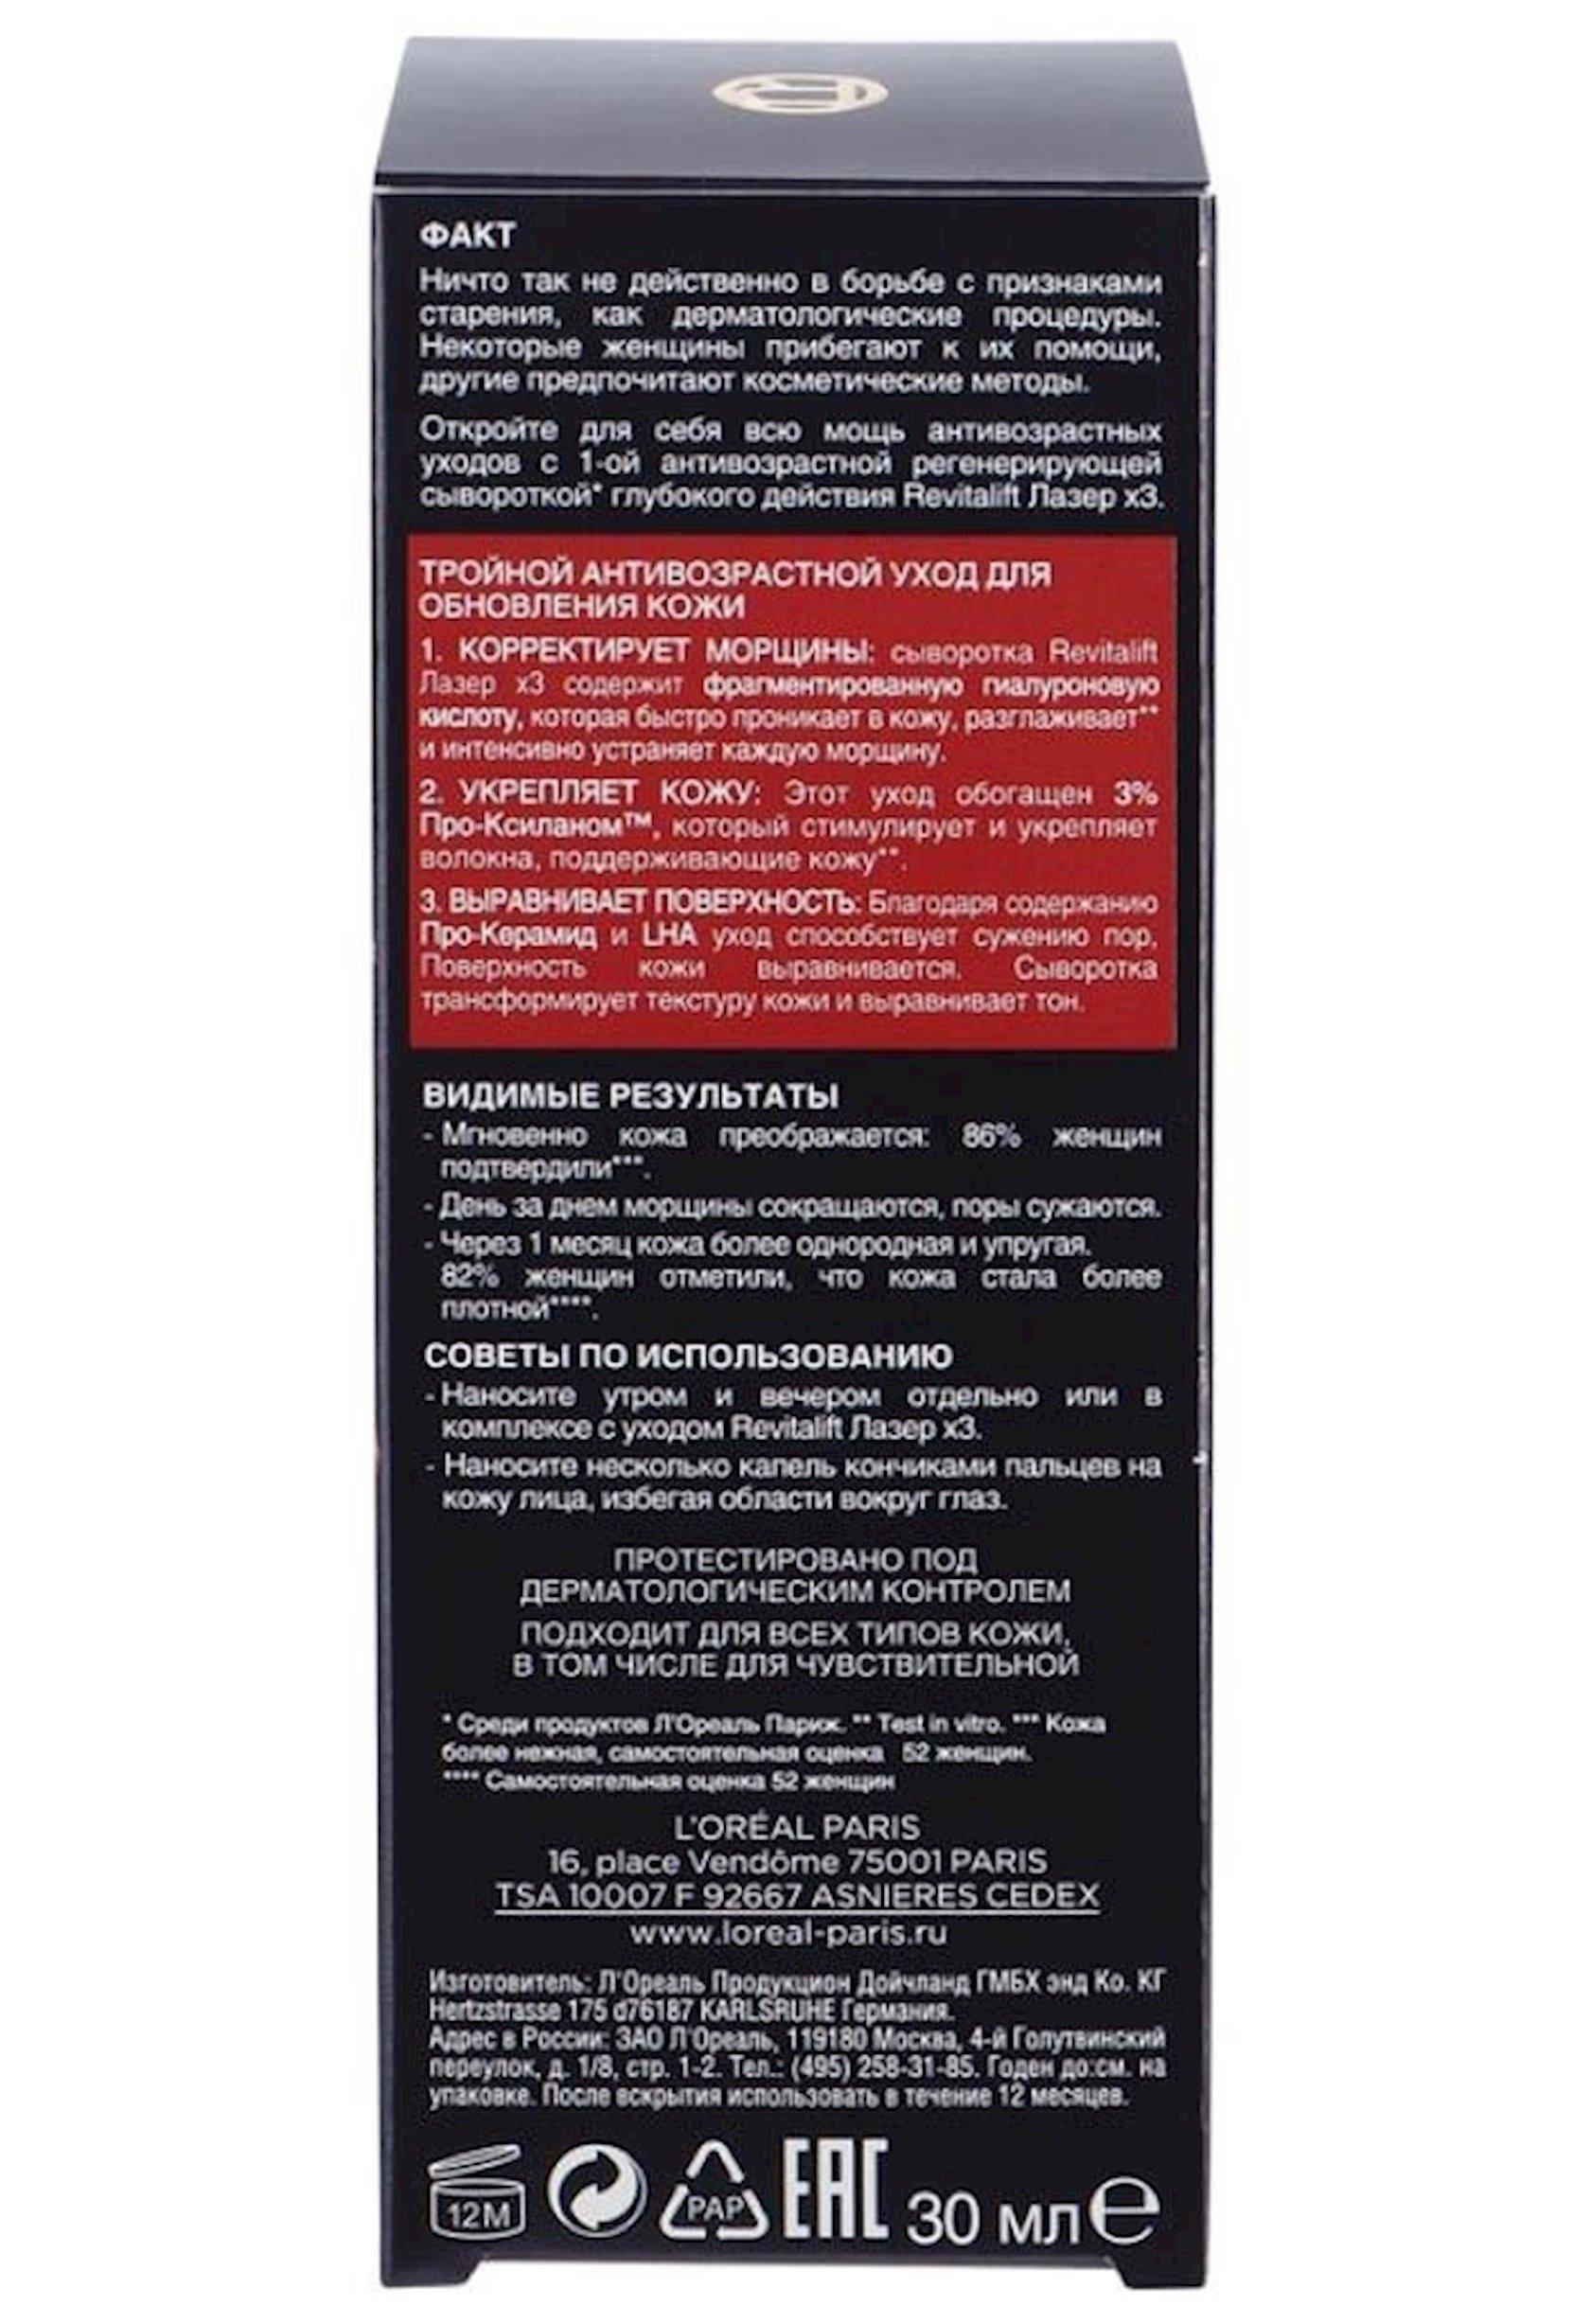 Bərpaedici serum L'Oreal Paris Revitalift Lazer Х3 dərin təsir 30 ml